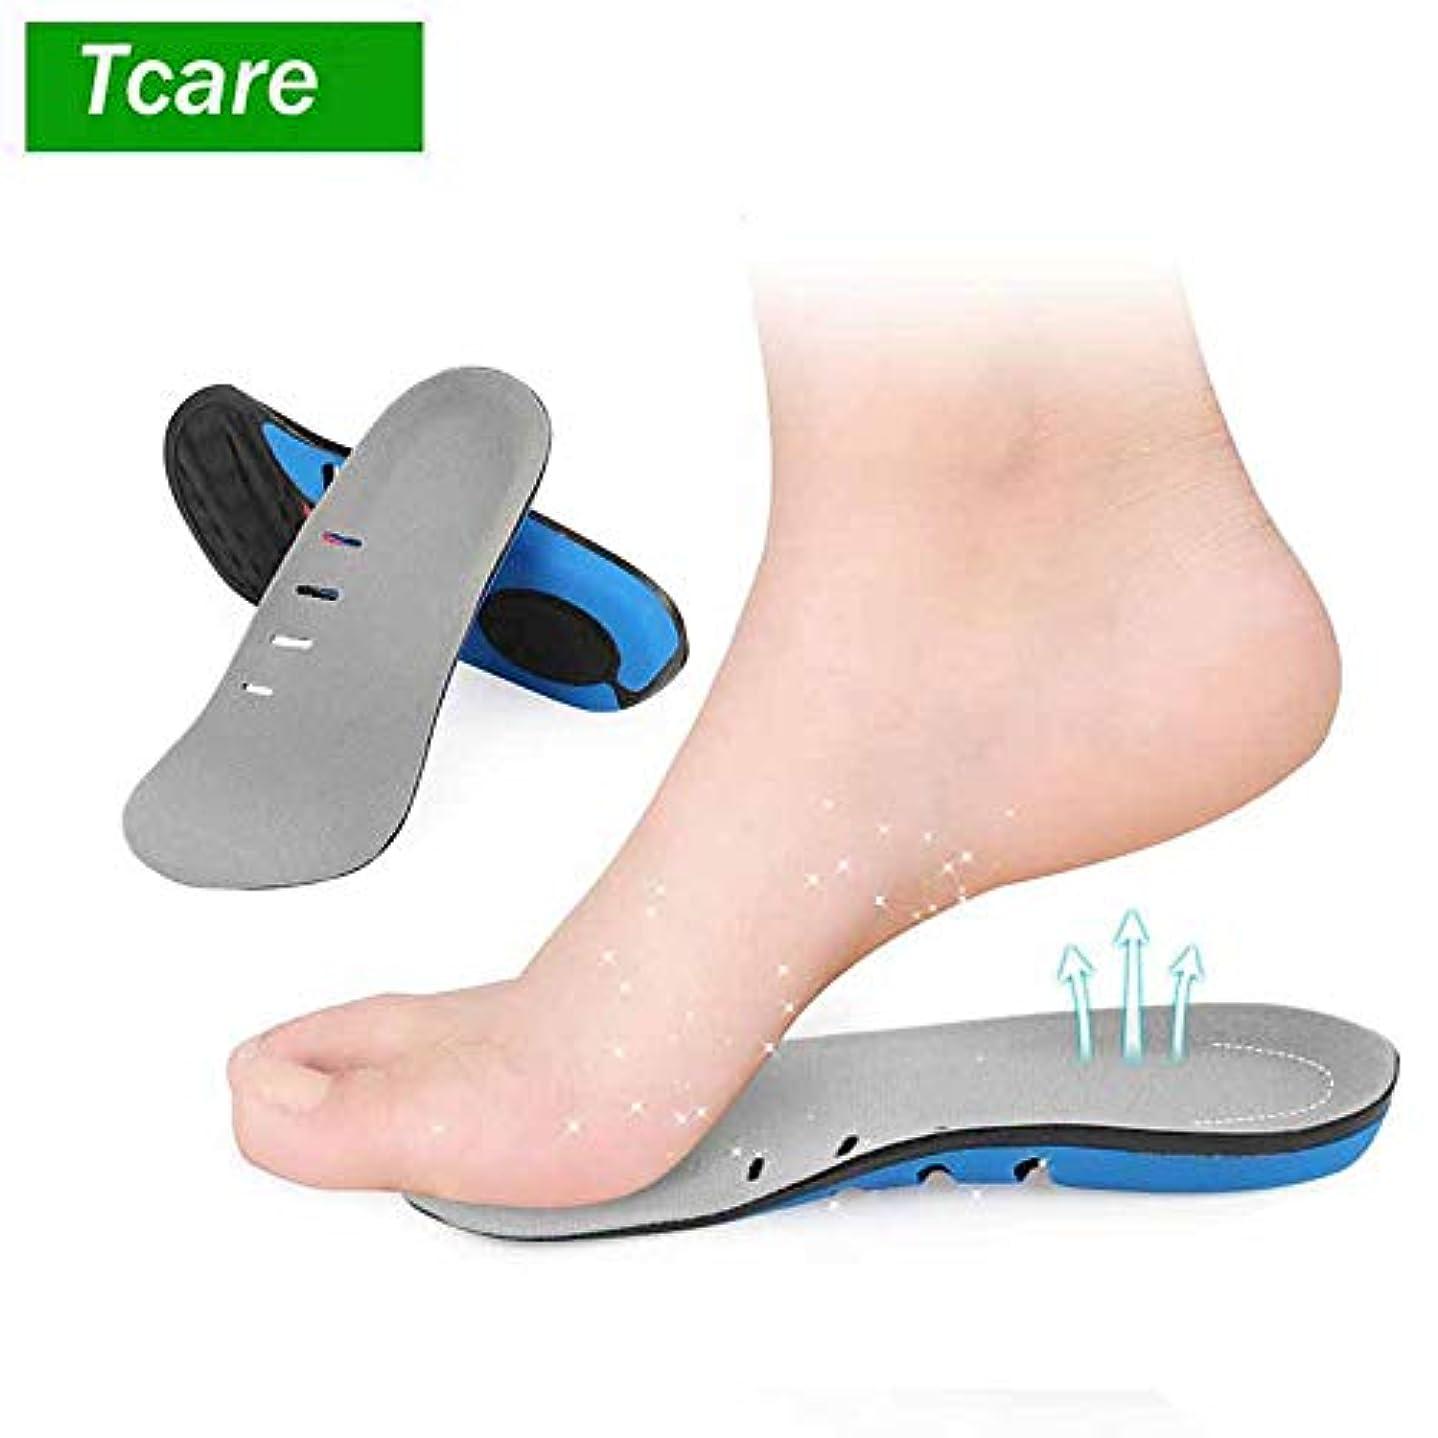 原稿スリラー詩人靴のマッサージシューズのインソールは、男性用/女性用の足底筋膜炎用インソール